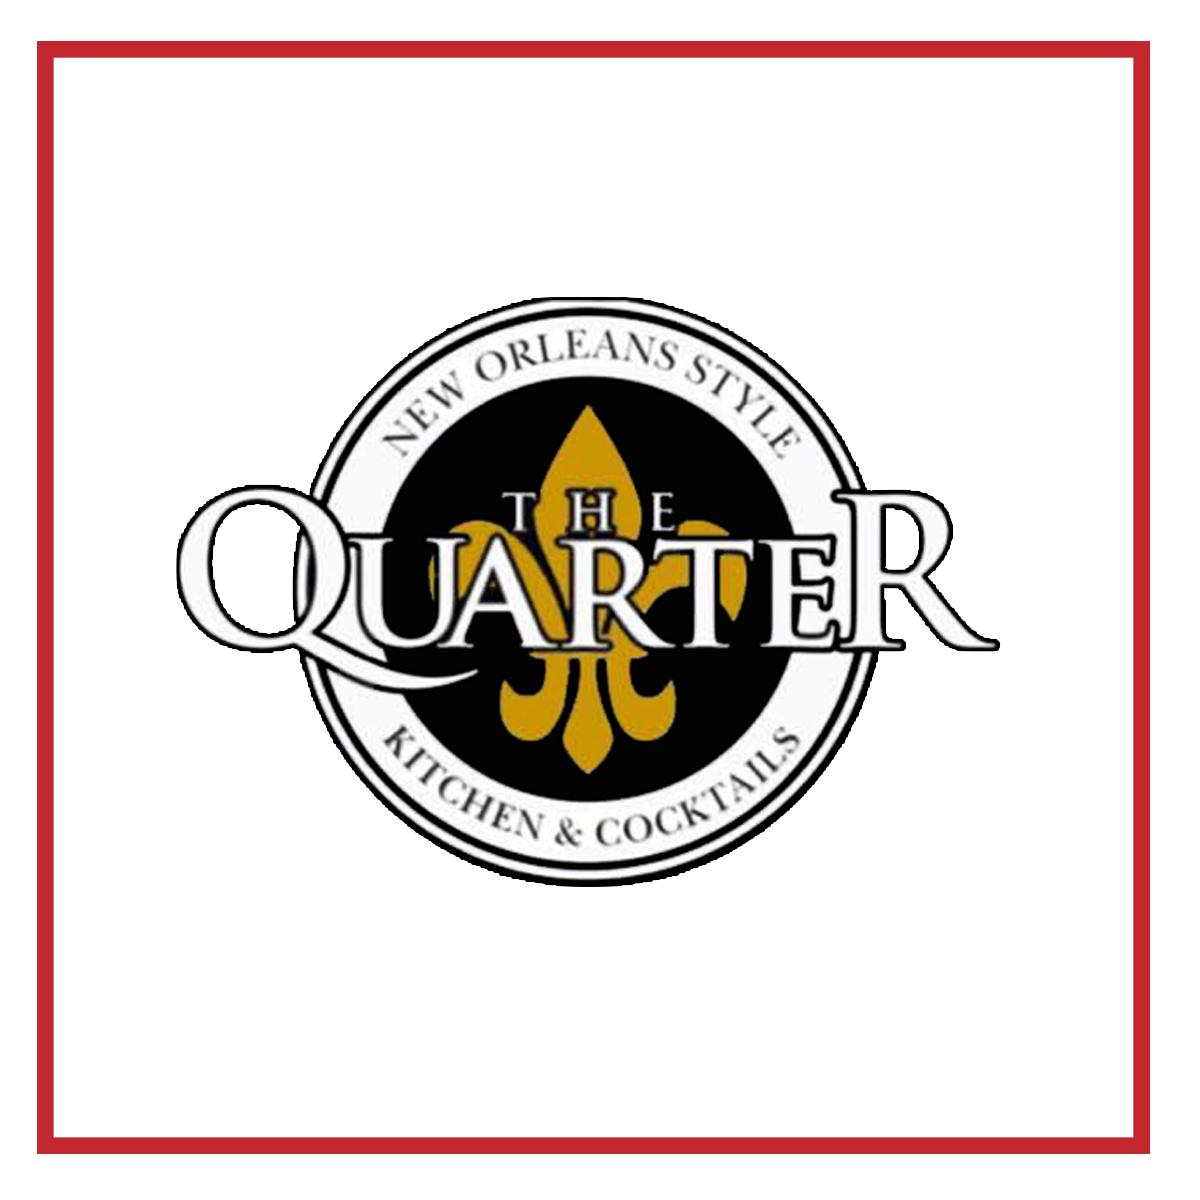 The Quarter